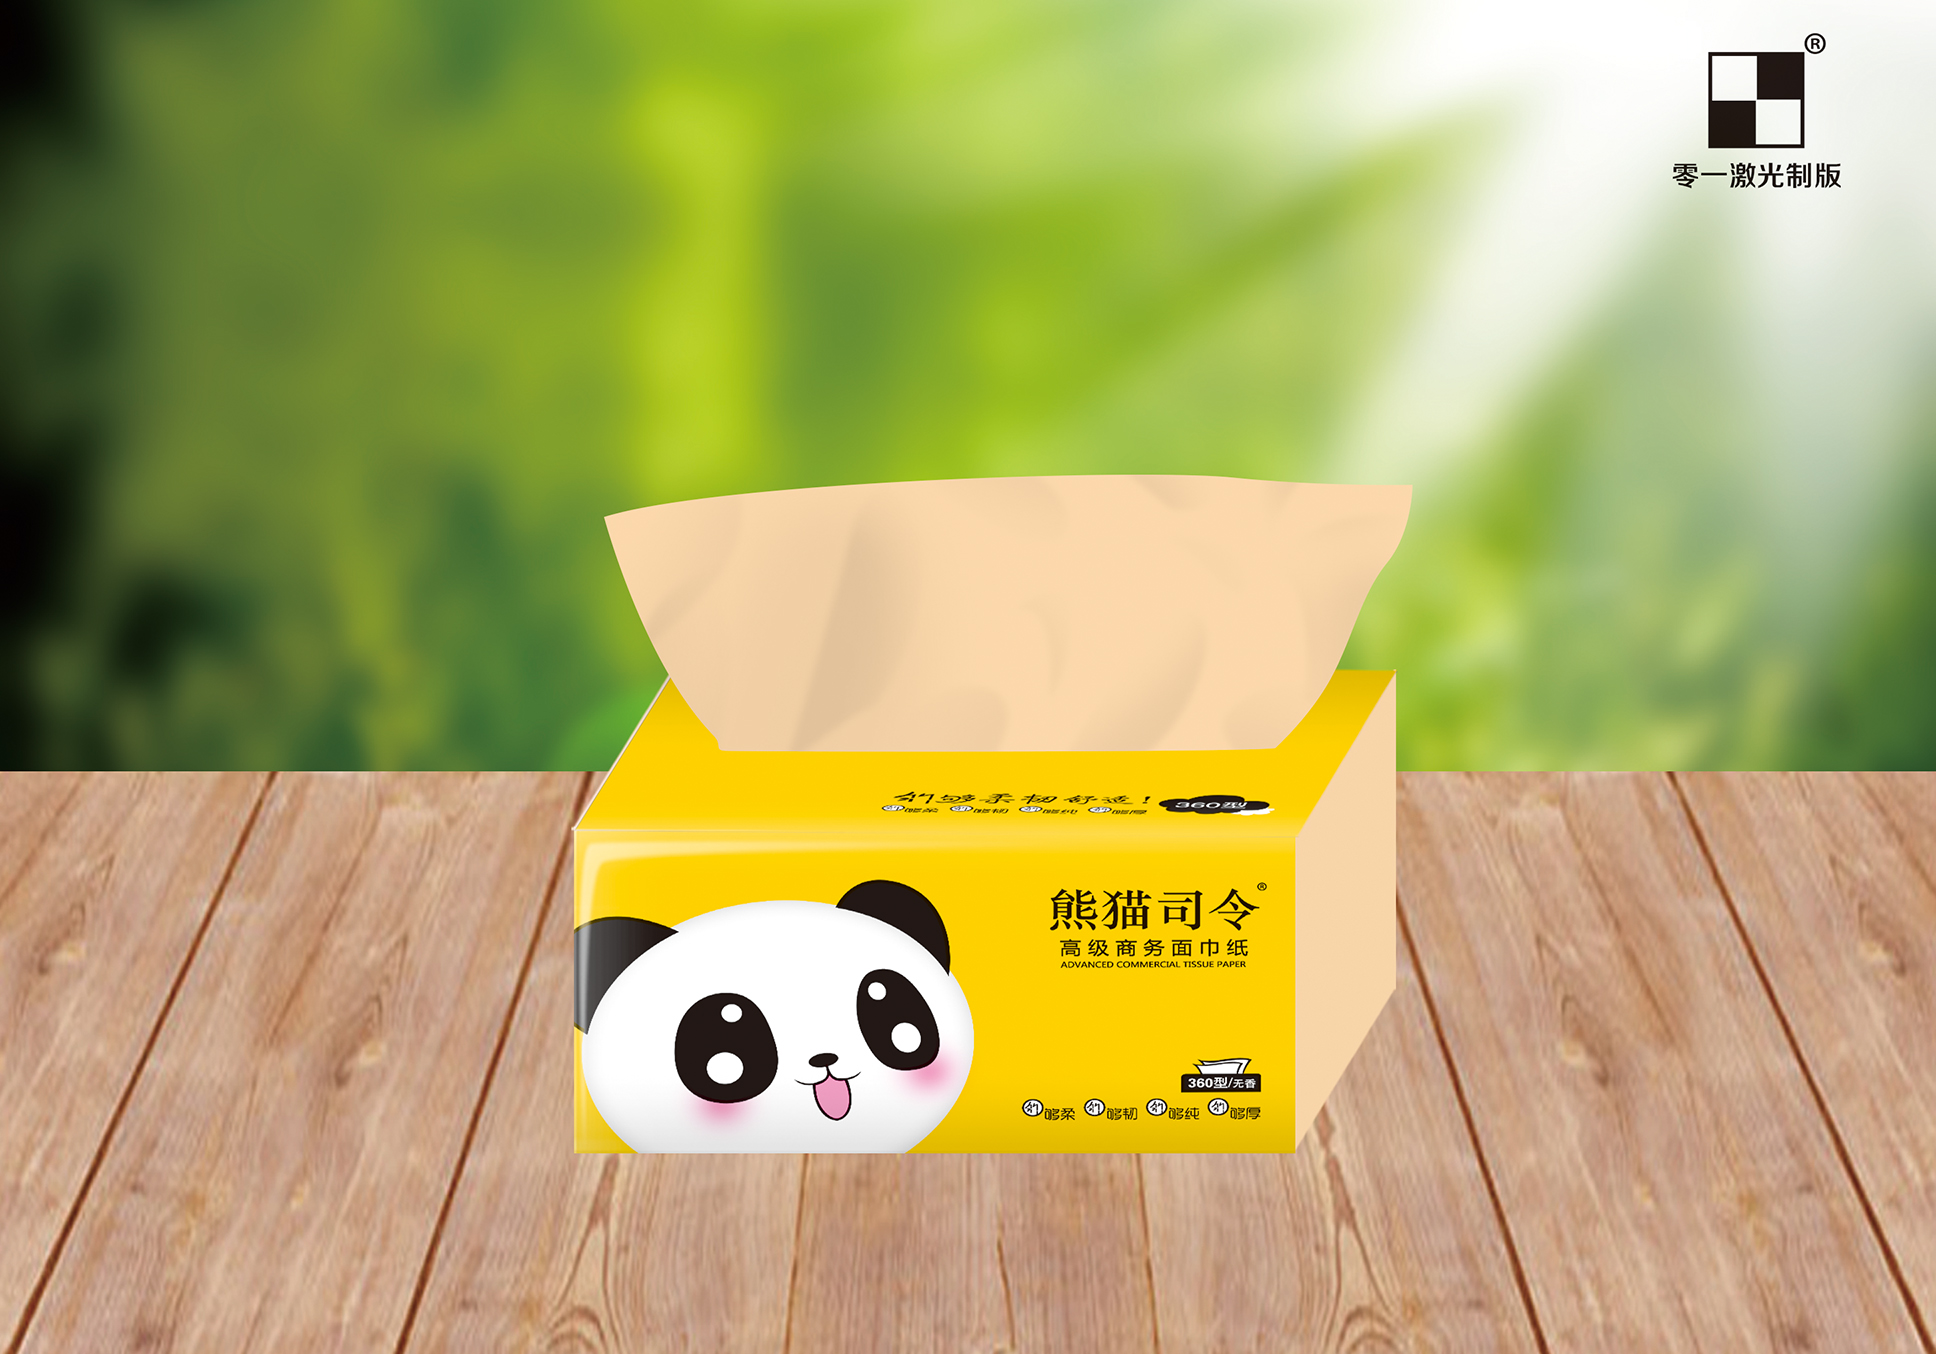 熊猫司令本色抽纸(300张100面巾纸)